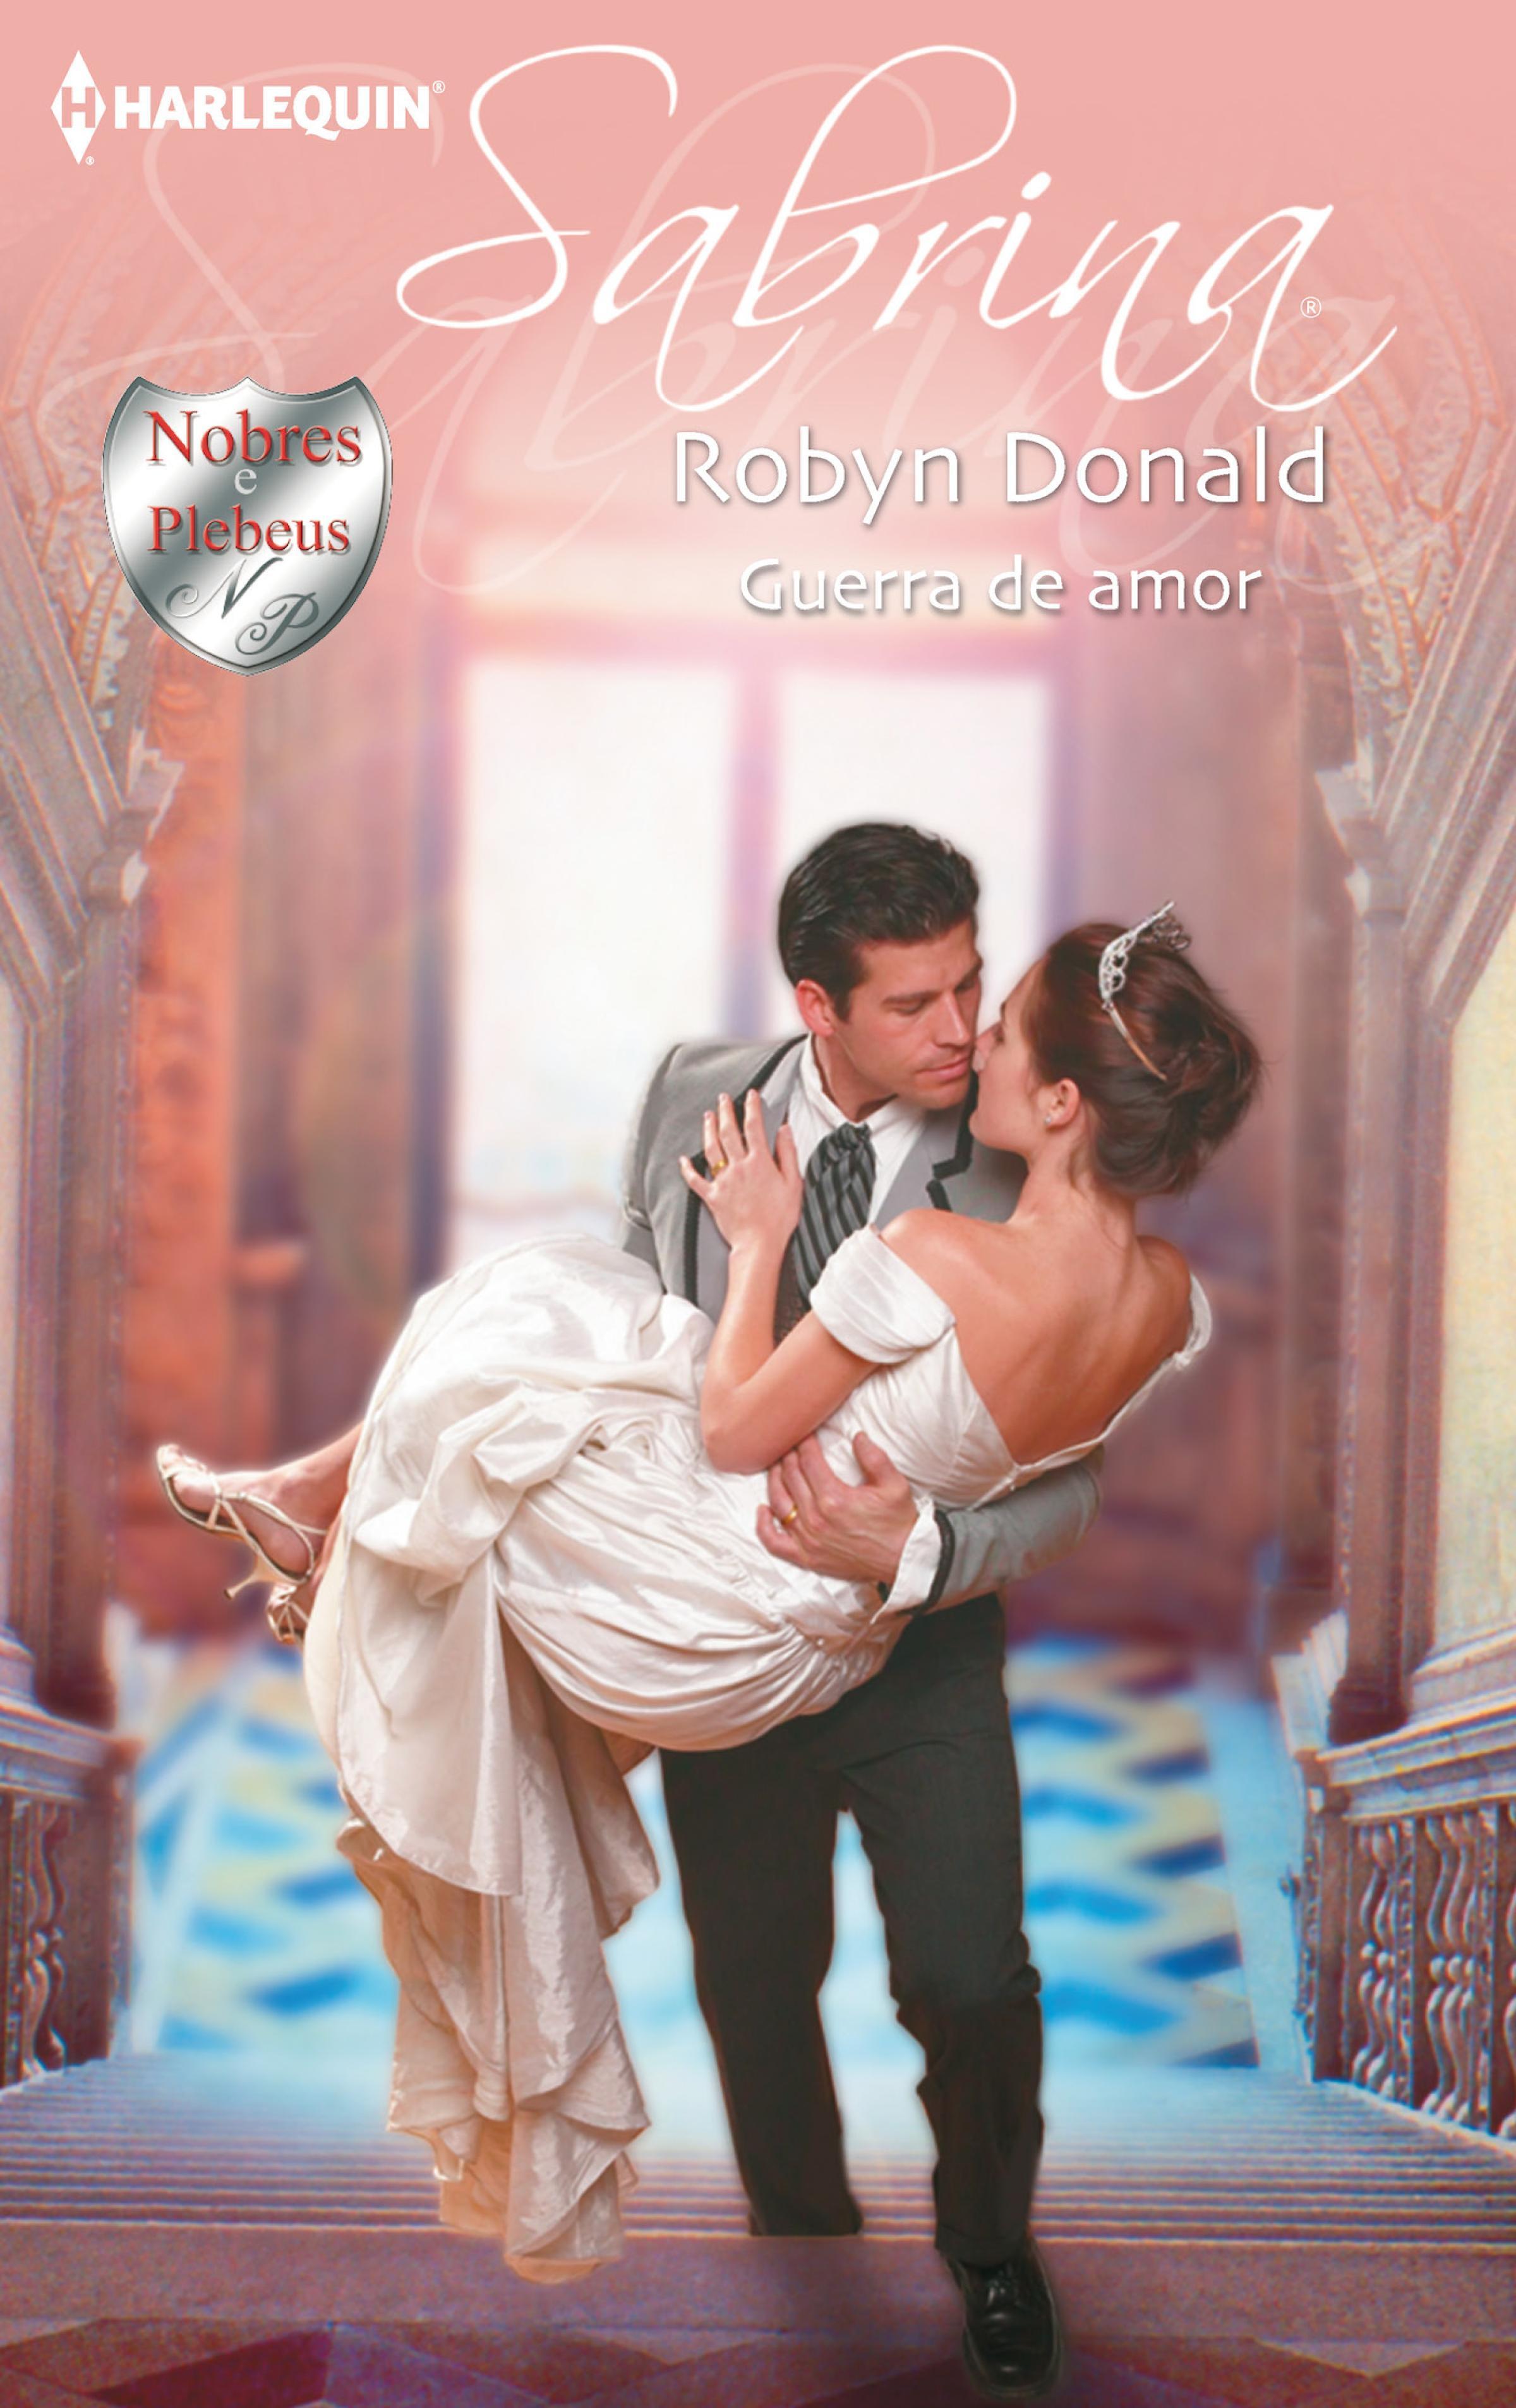 Robyn Donald Guerra de amor robyn donald guerra de amor